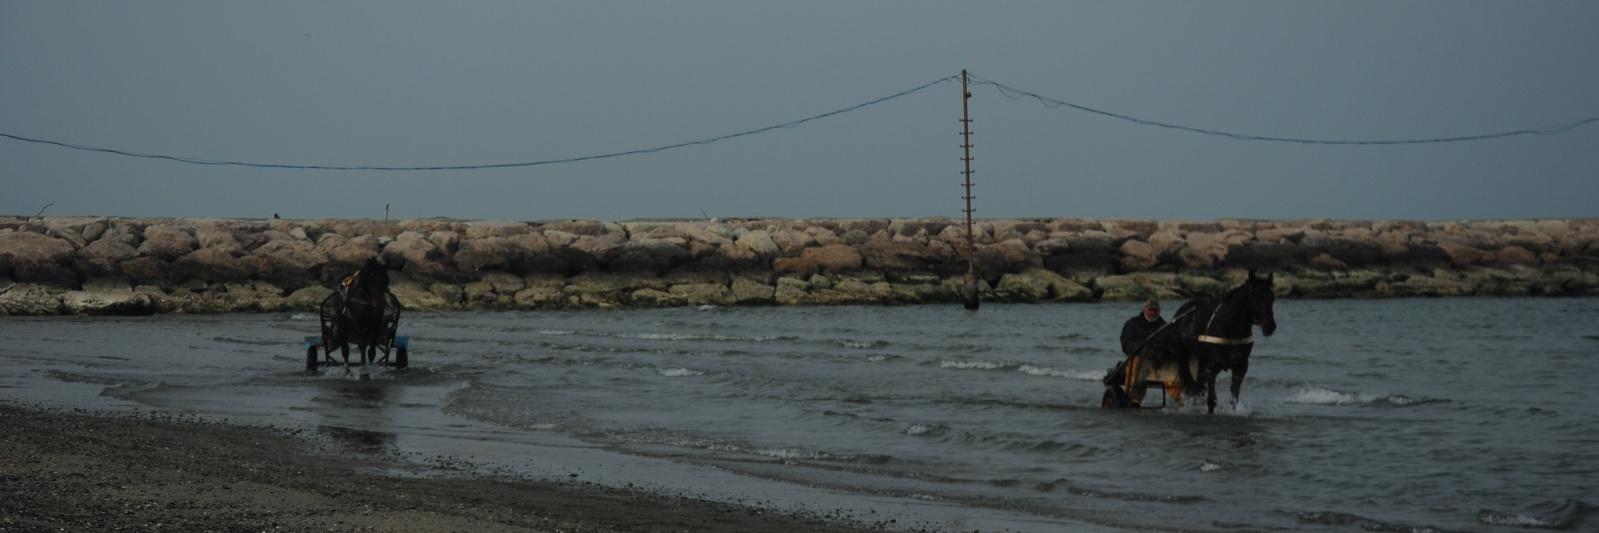 Cavalli - Marina Romea (RA) Aprile '19